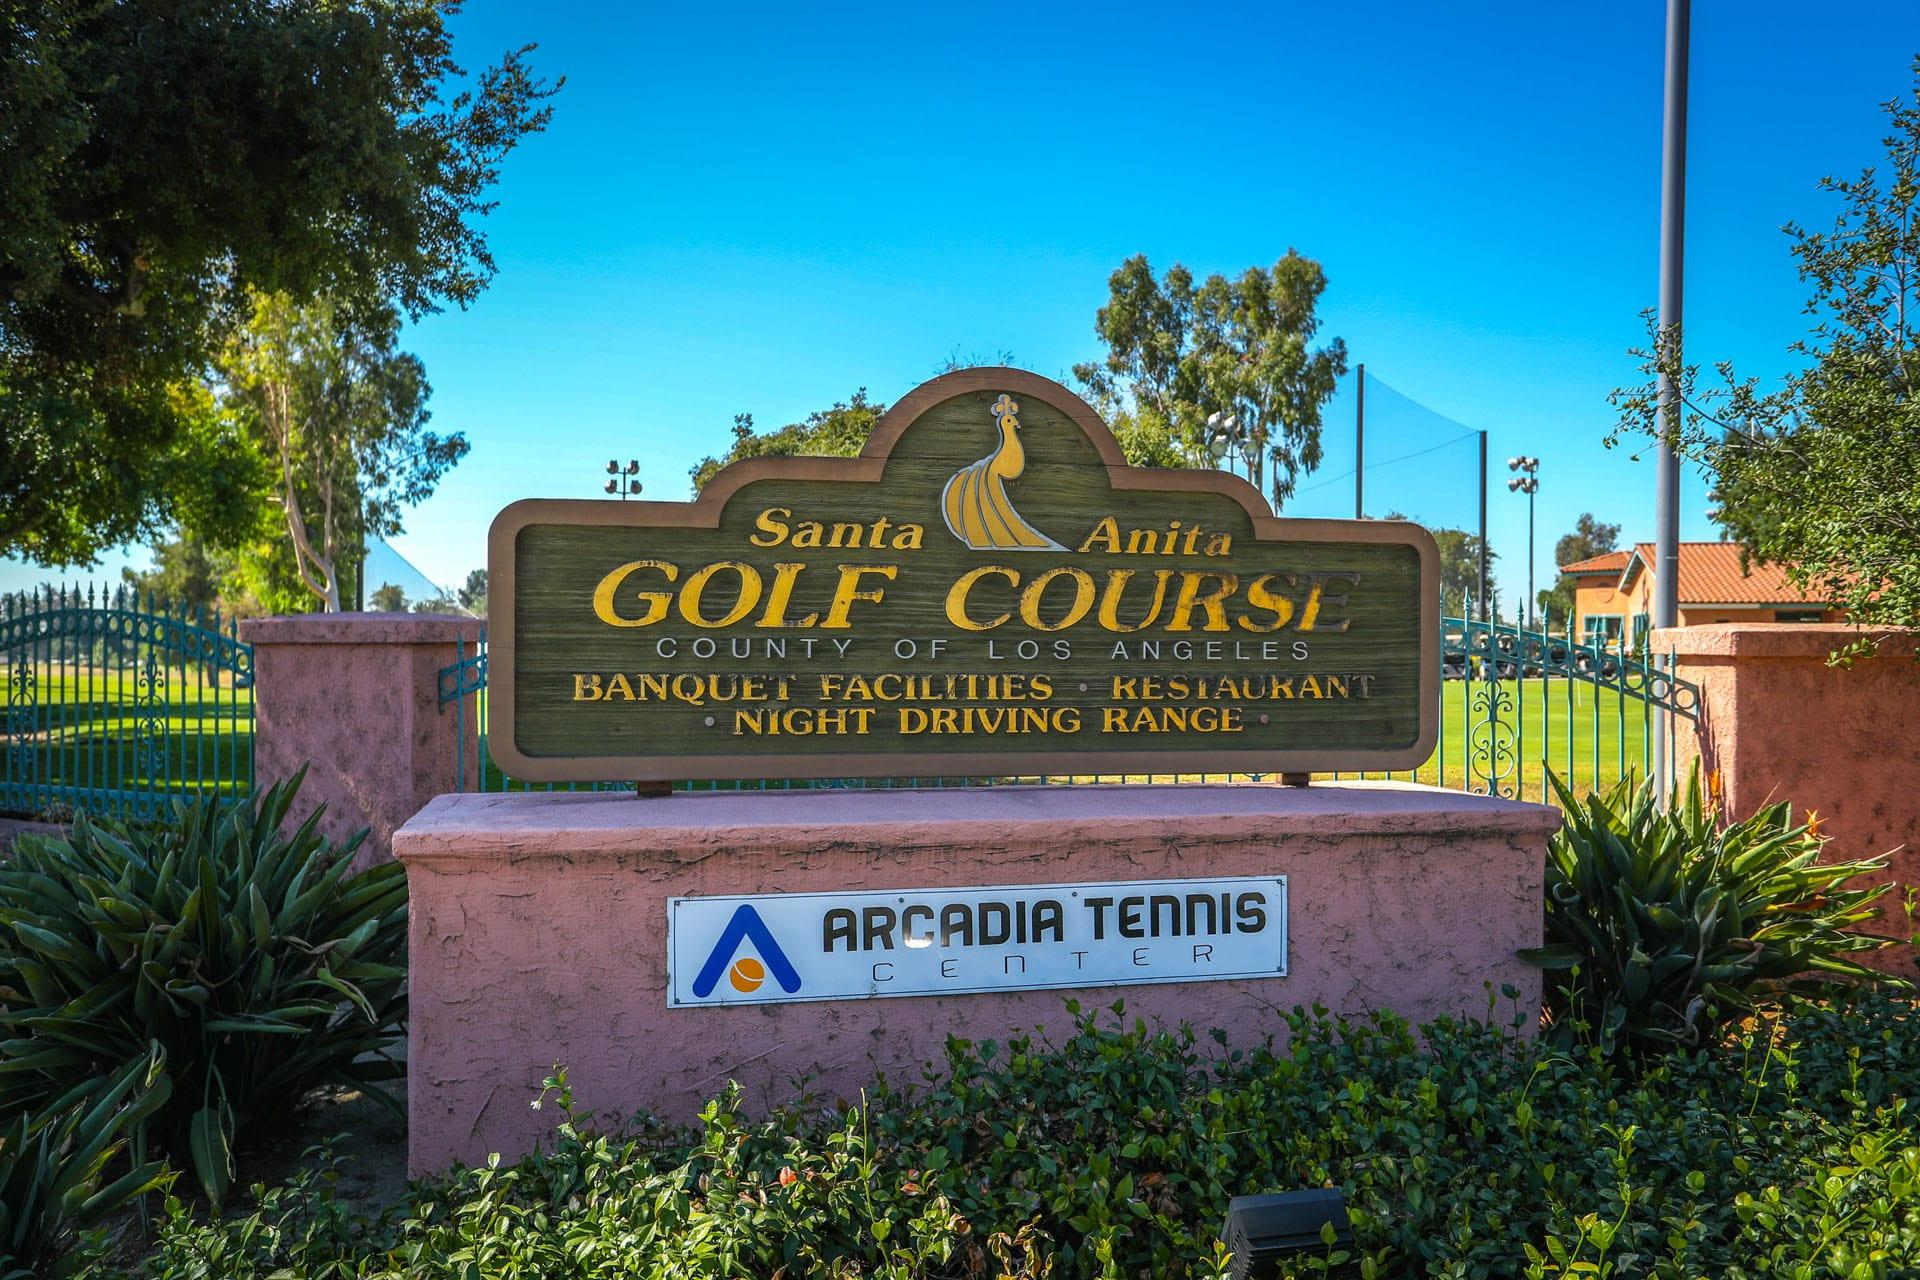 Santa Anita Golf Course sign